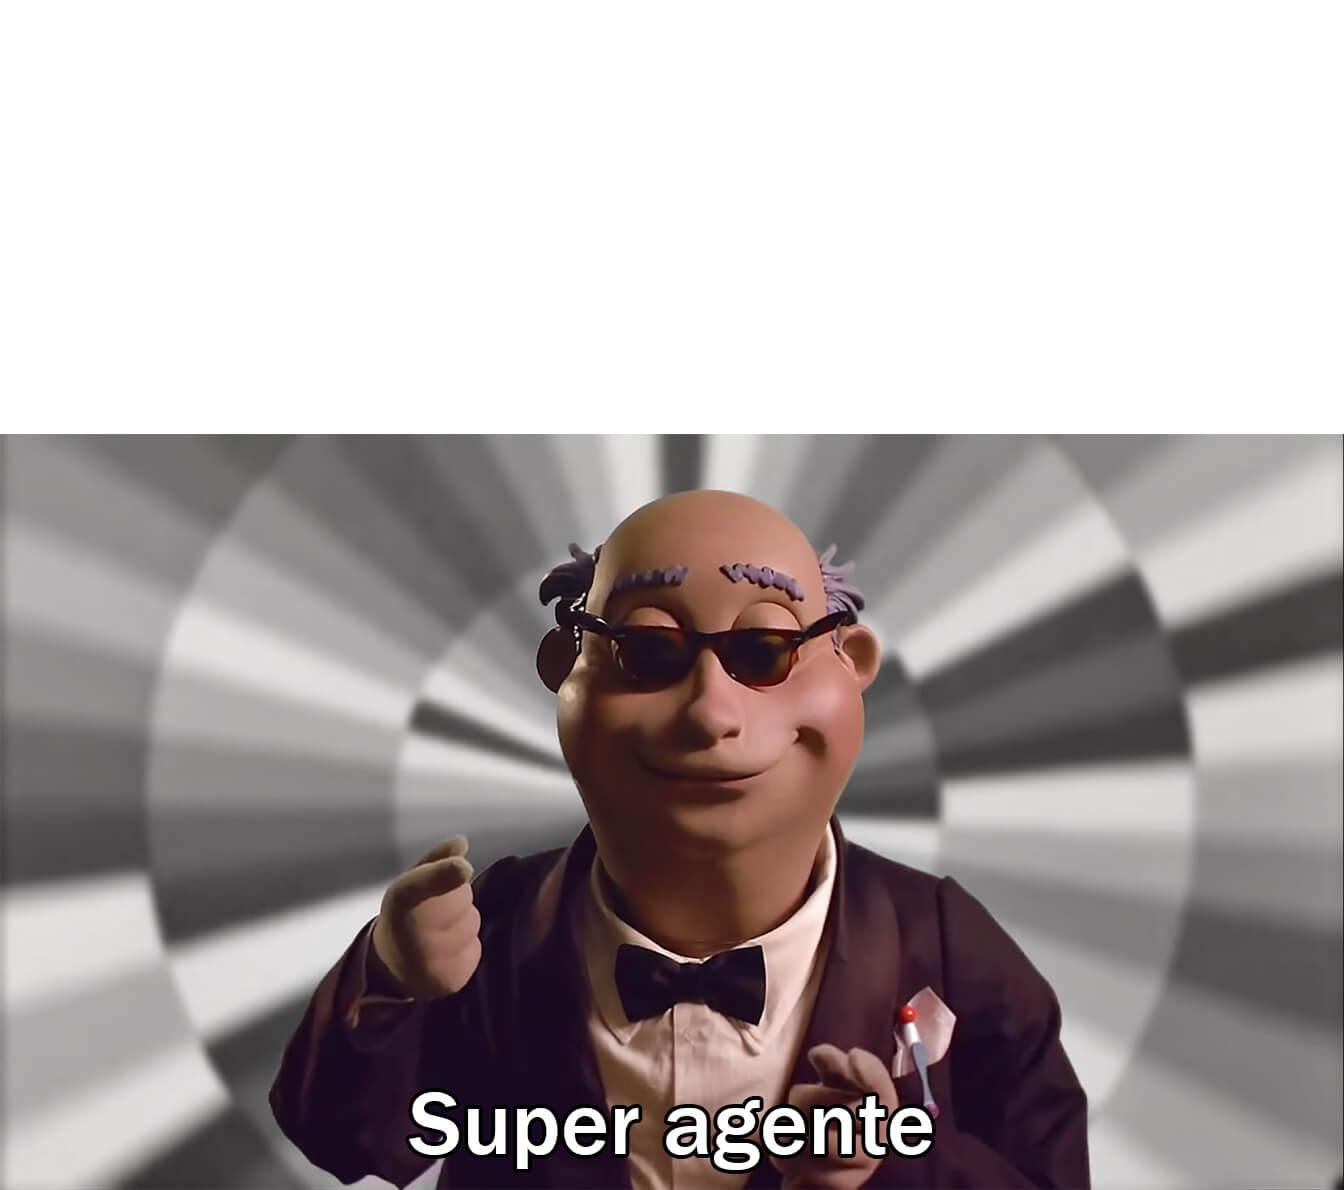 Ir a la pagina de la plantilla Super agente.